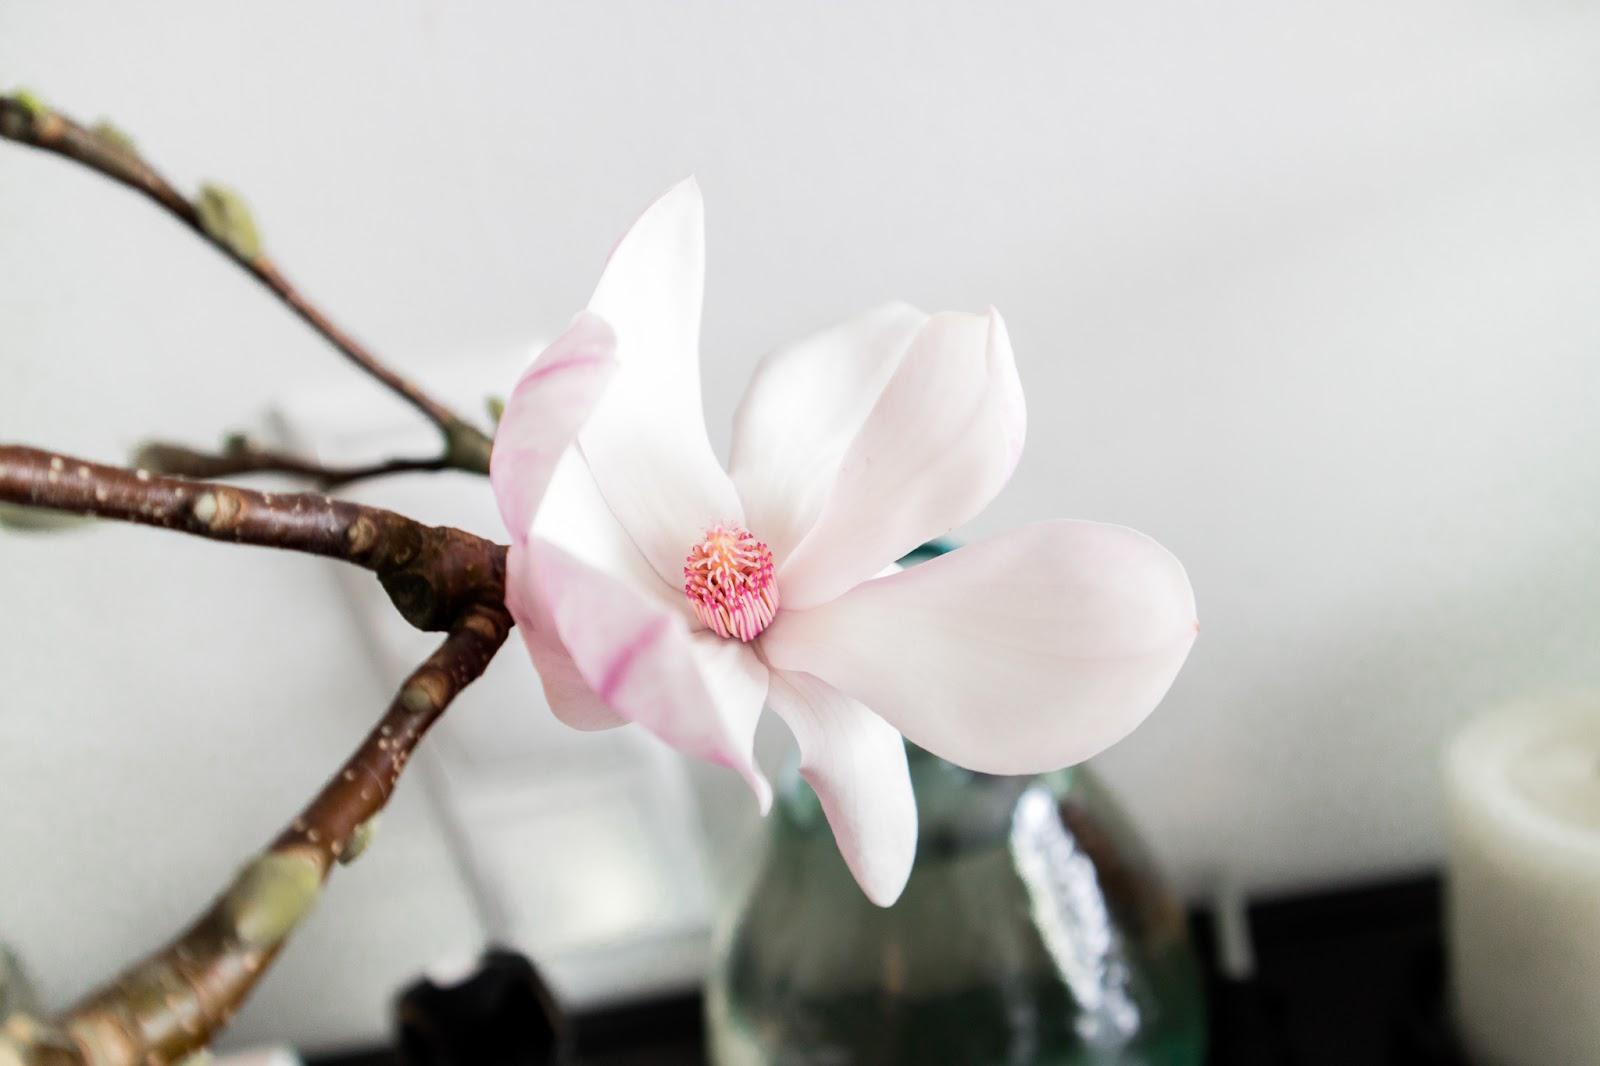 mangolia, mangolian kukka